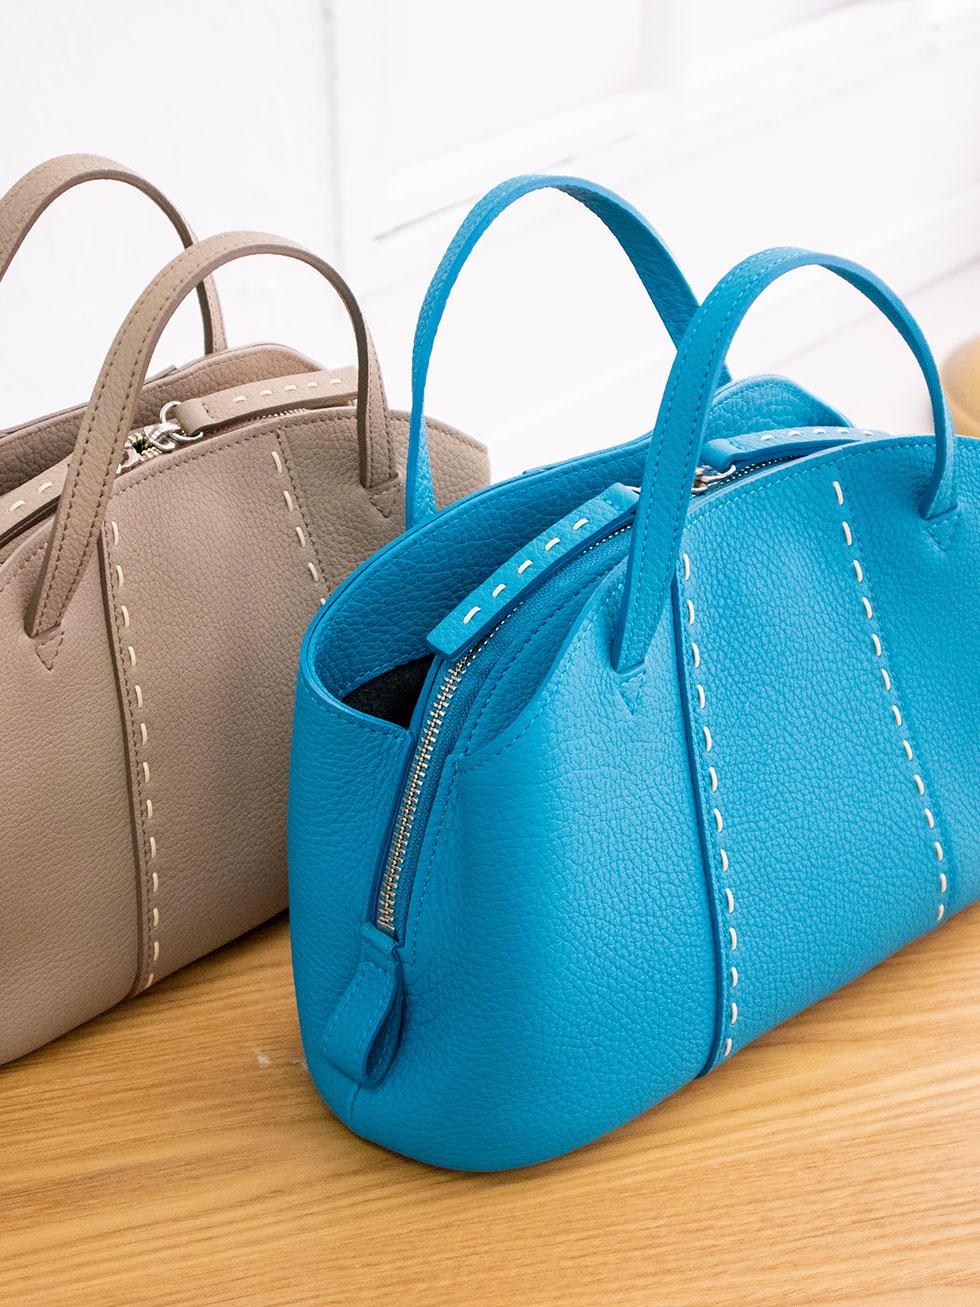 とても上品でフェミニンで大人可愛い本革バッグ。